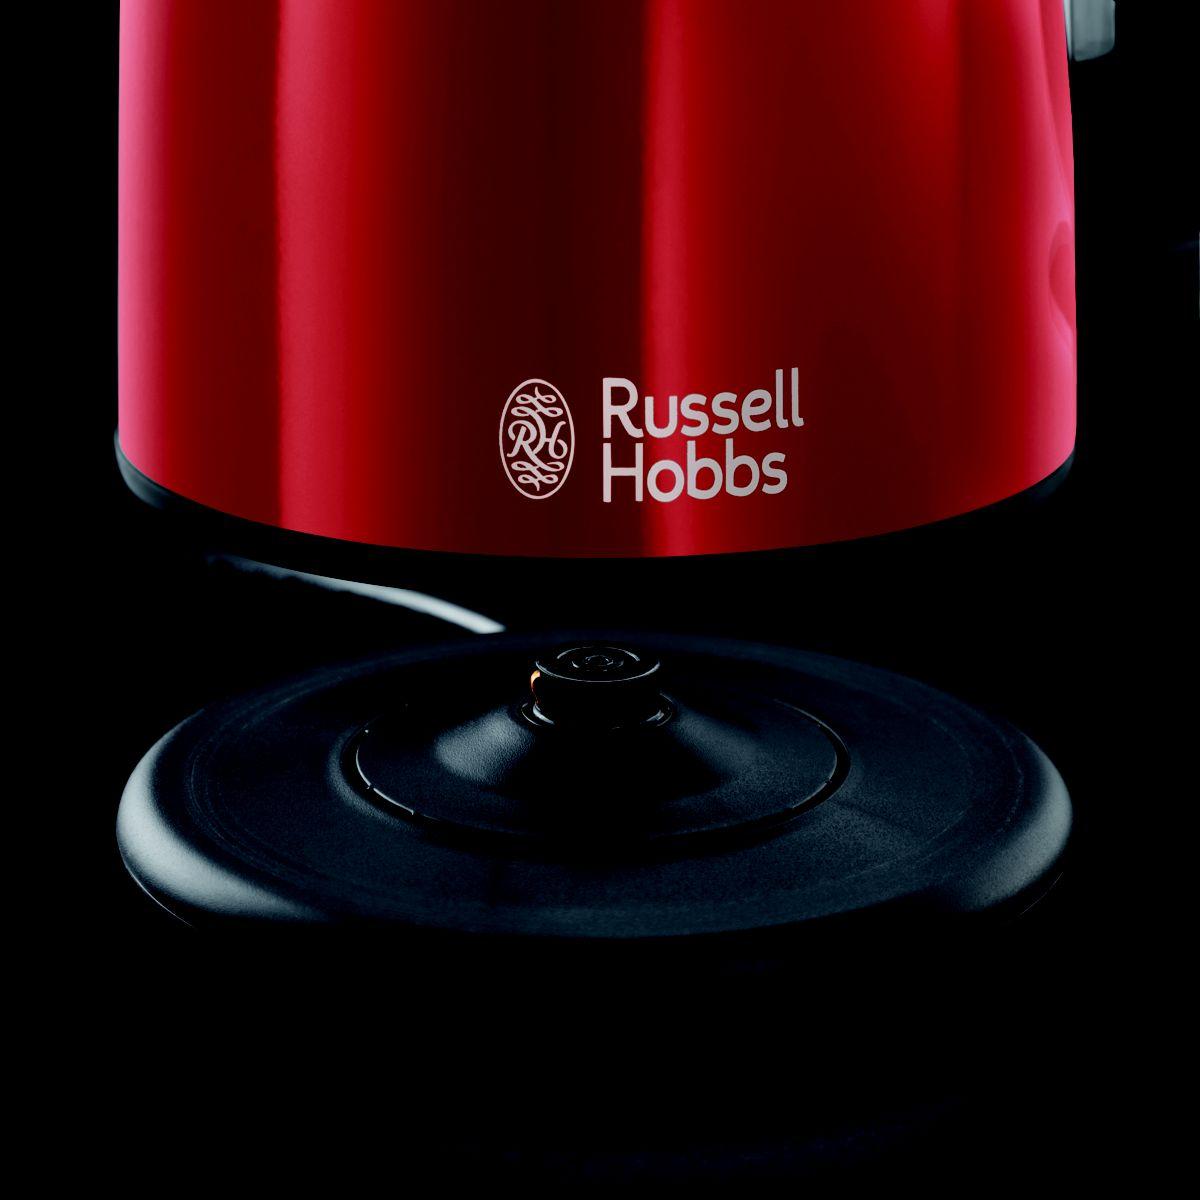 Russell hobbs colours bouilloire lectrique 1 l - Bouilloire electrique russell hobbs ...